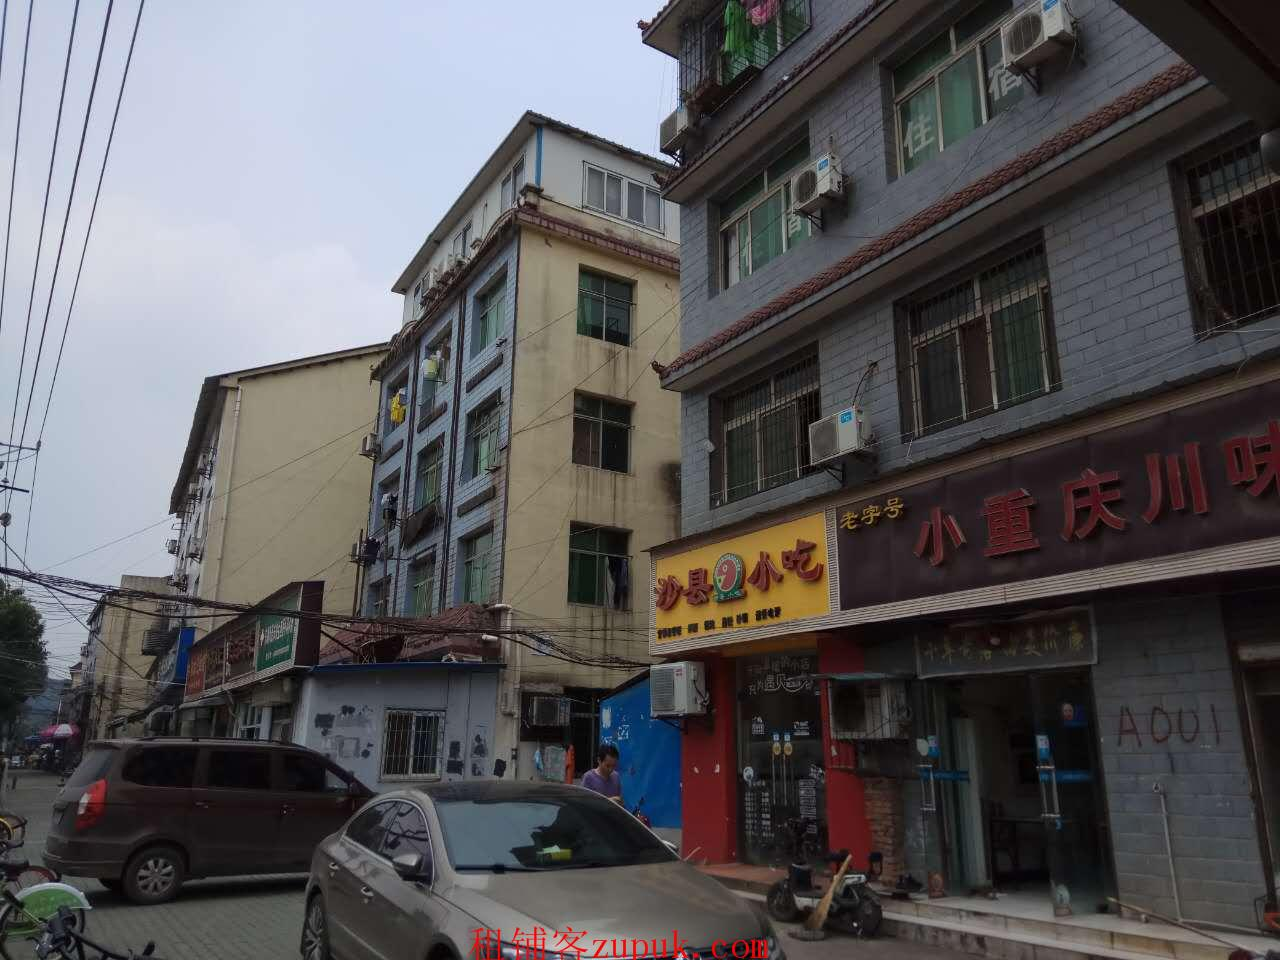 光谷东湖旅馆宾馆招待所旅社公寓转让